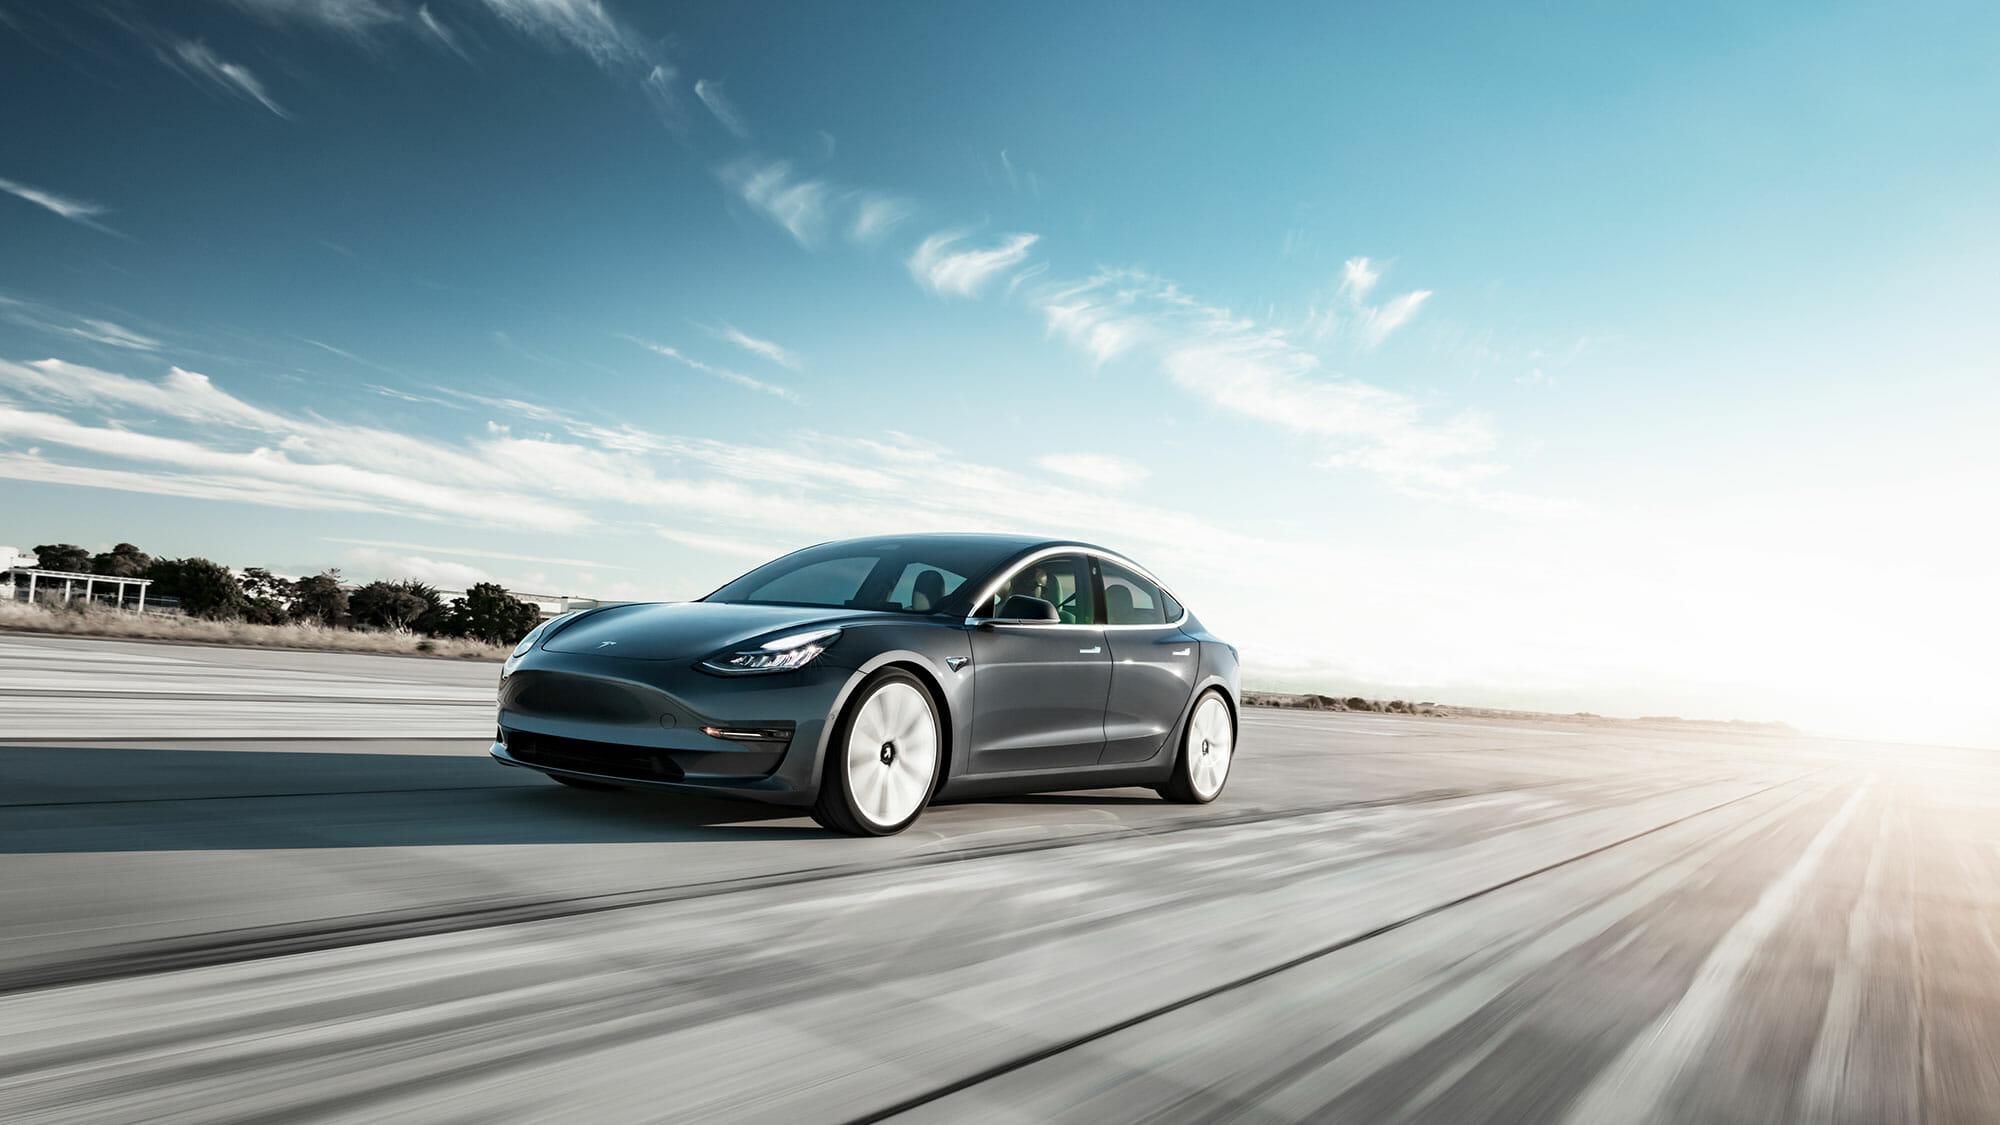 テスラは地球を救えるか? 〜 電気自動車社会実現を急ぐためにやるべきこと